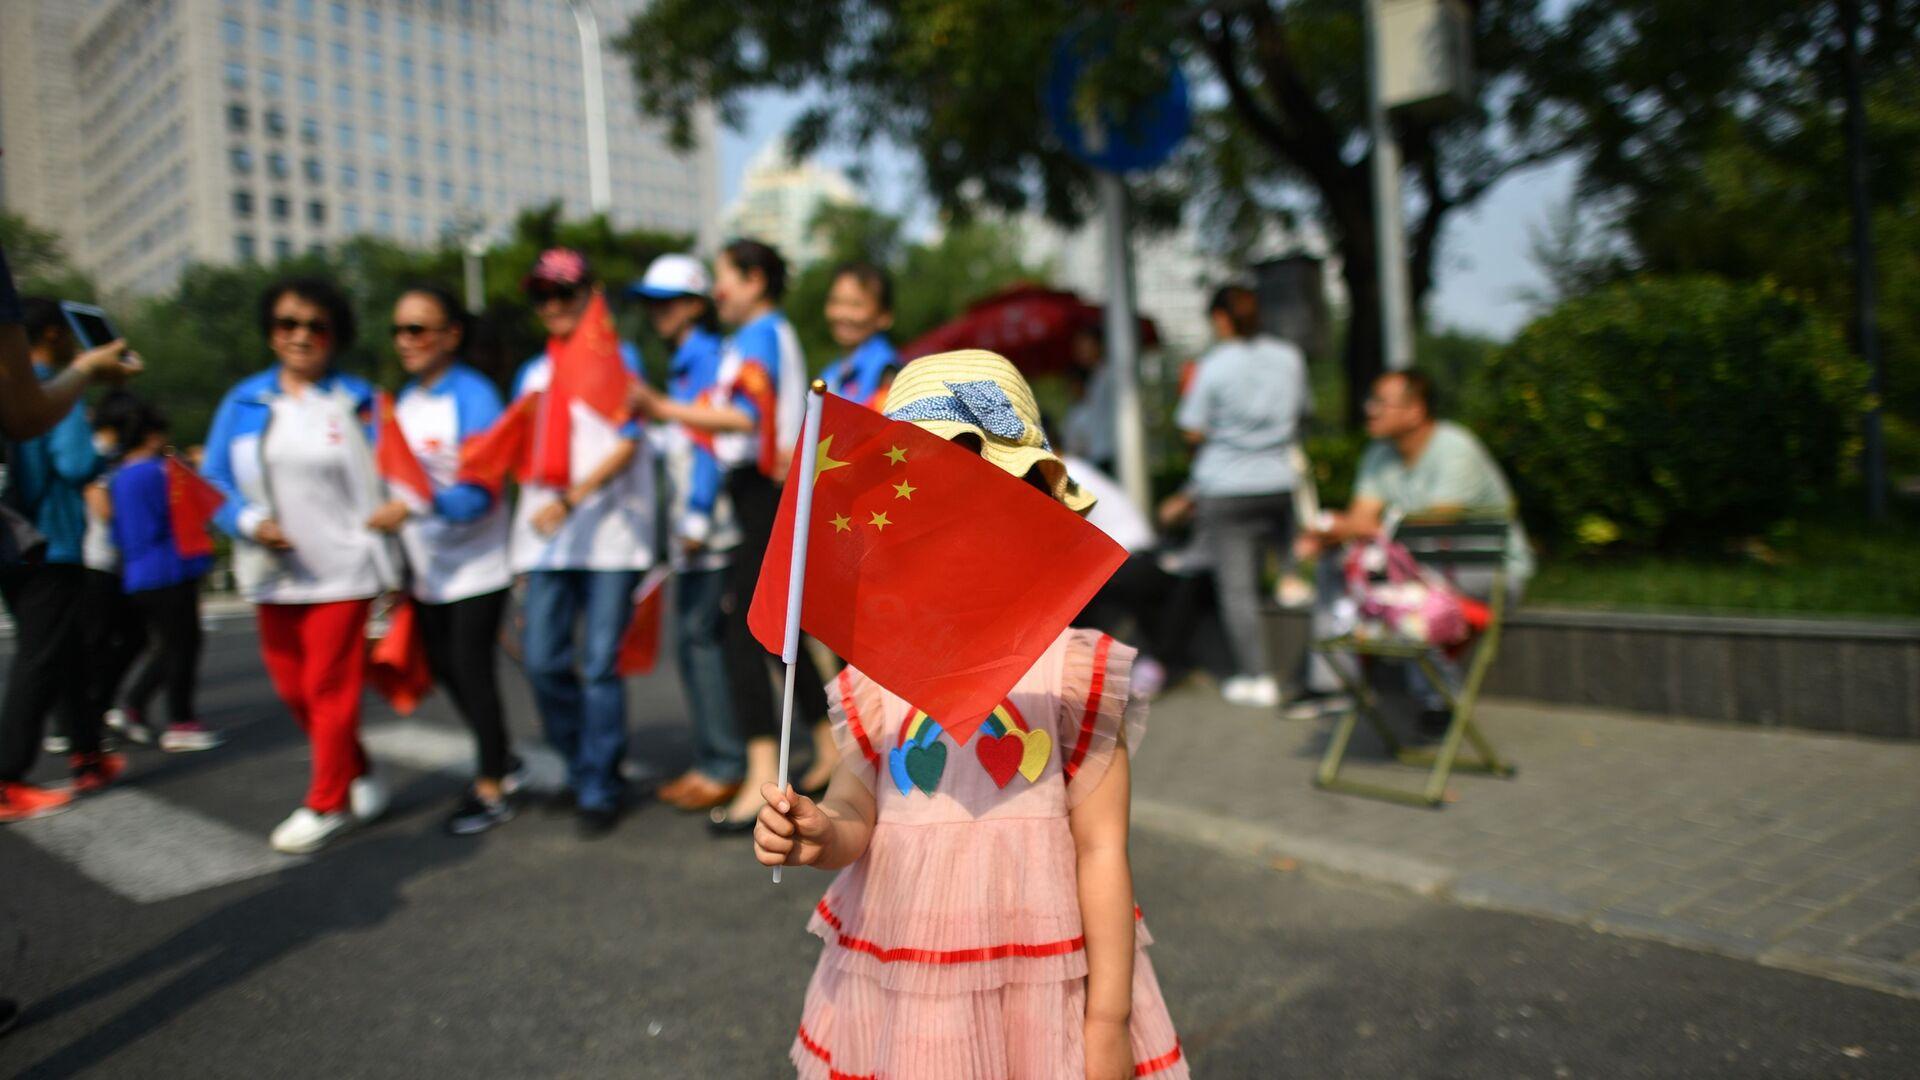 Девочка с китайским флагом на военном параде в честь 70-летия образования КНР в Пекине - Sputnik Тоҷикистон, 1920, 19.04.2021